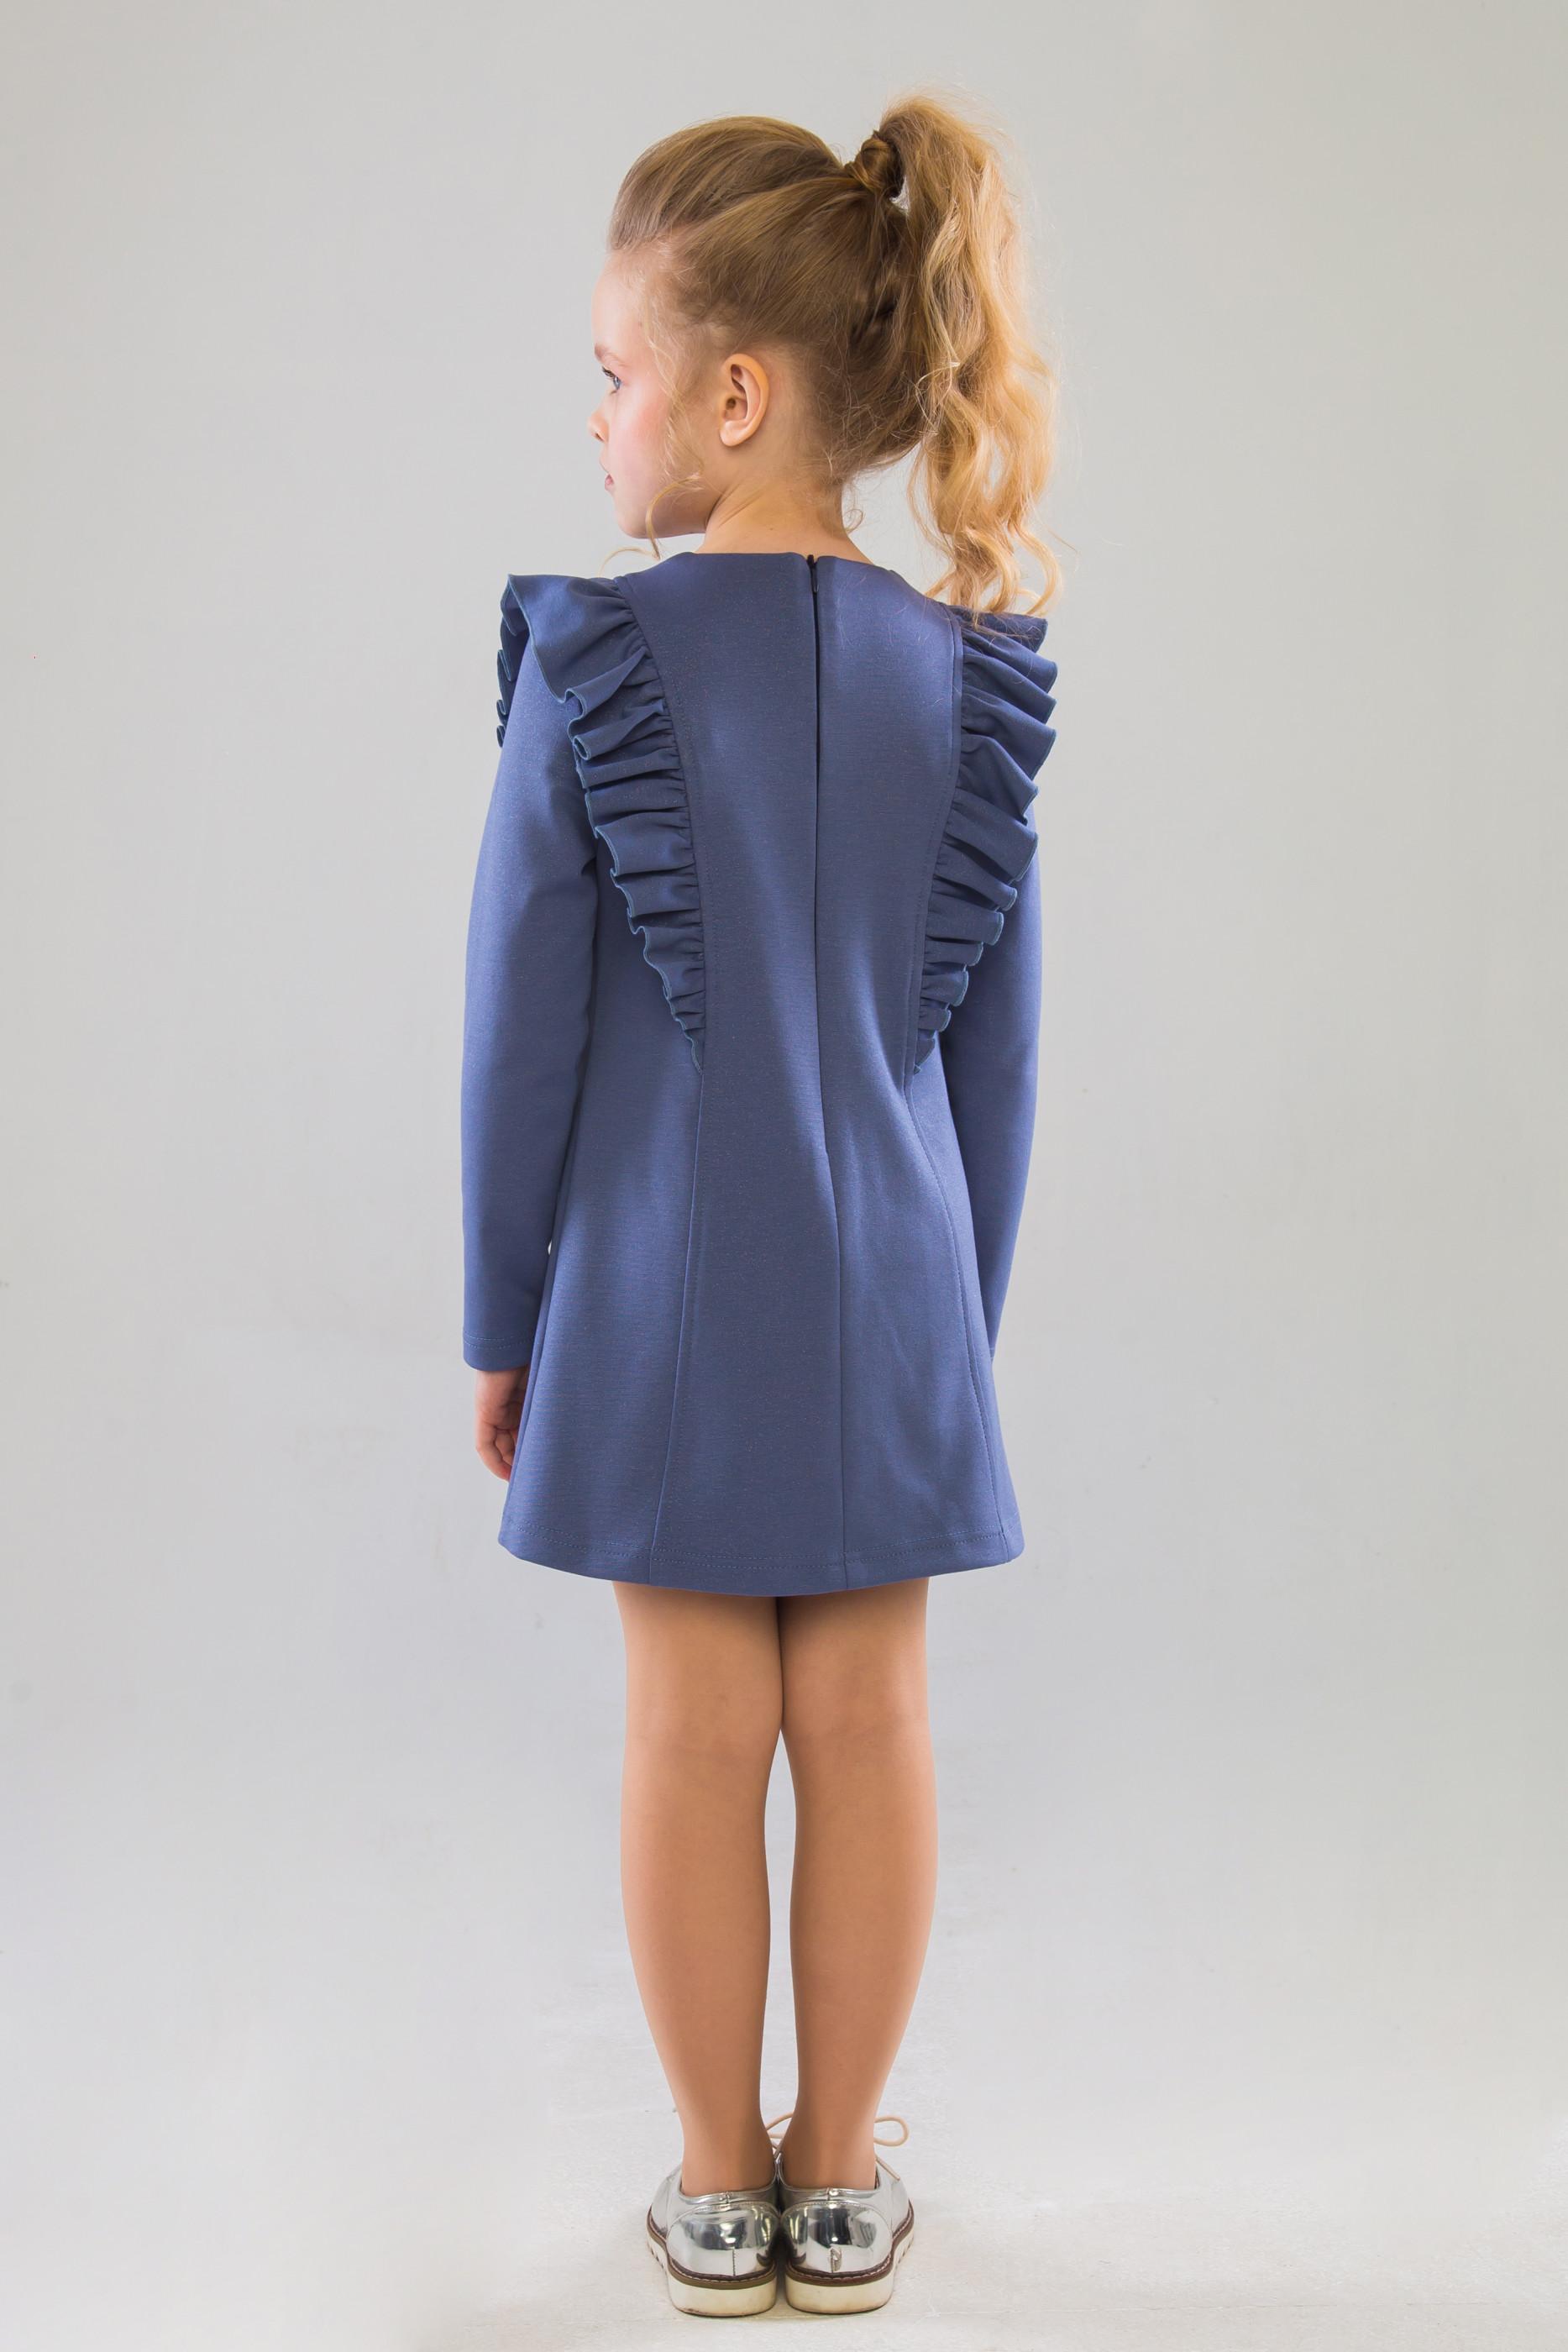 Плаття Емі, фото №2